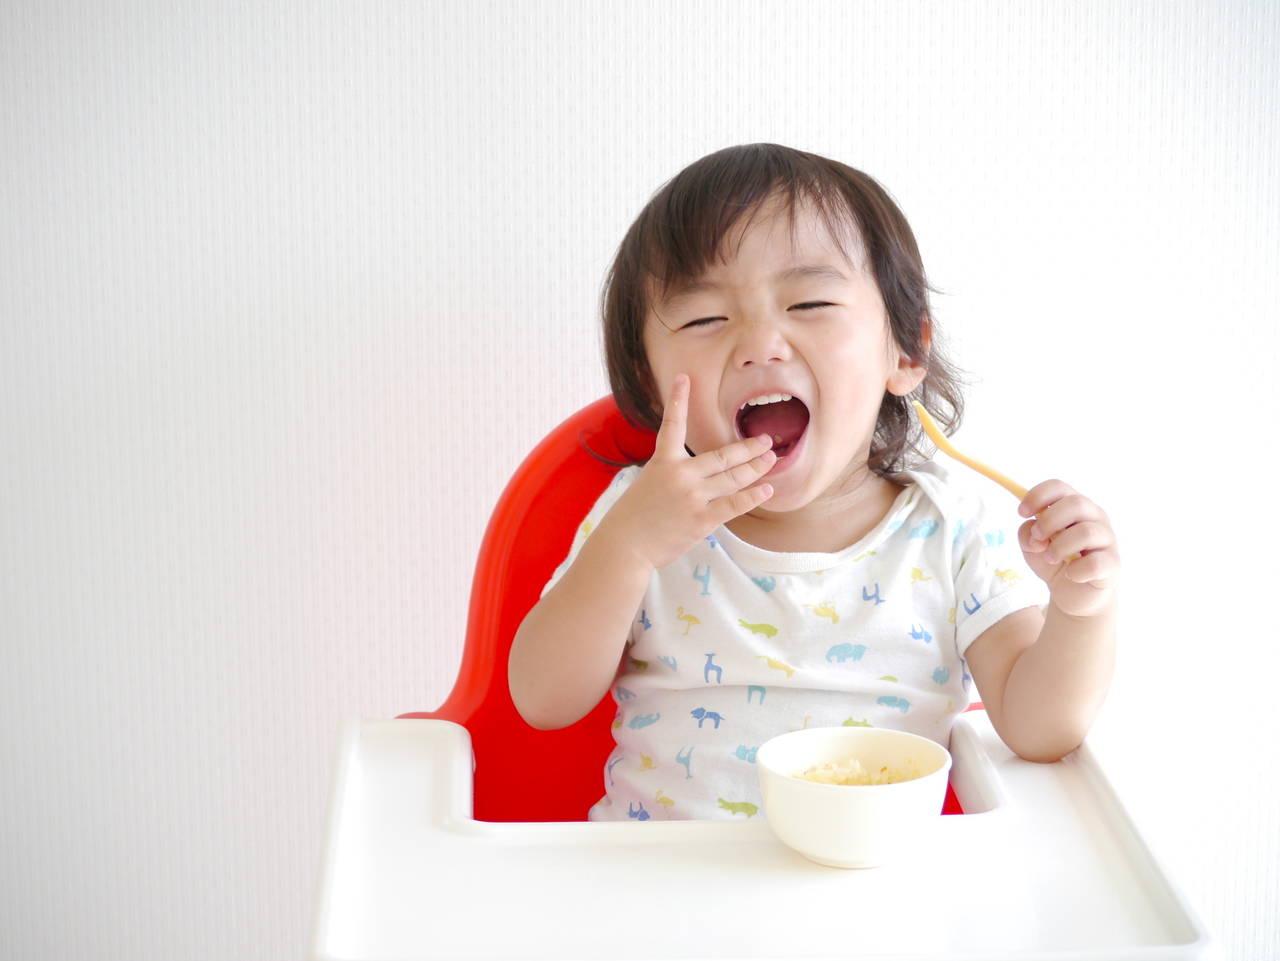 我が家の2歳児の食べ方が汚い!ママができる対策や工夫をチェック